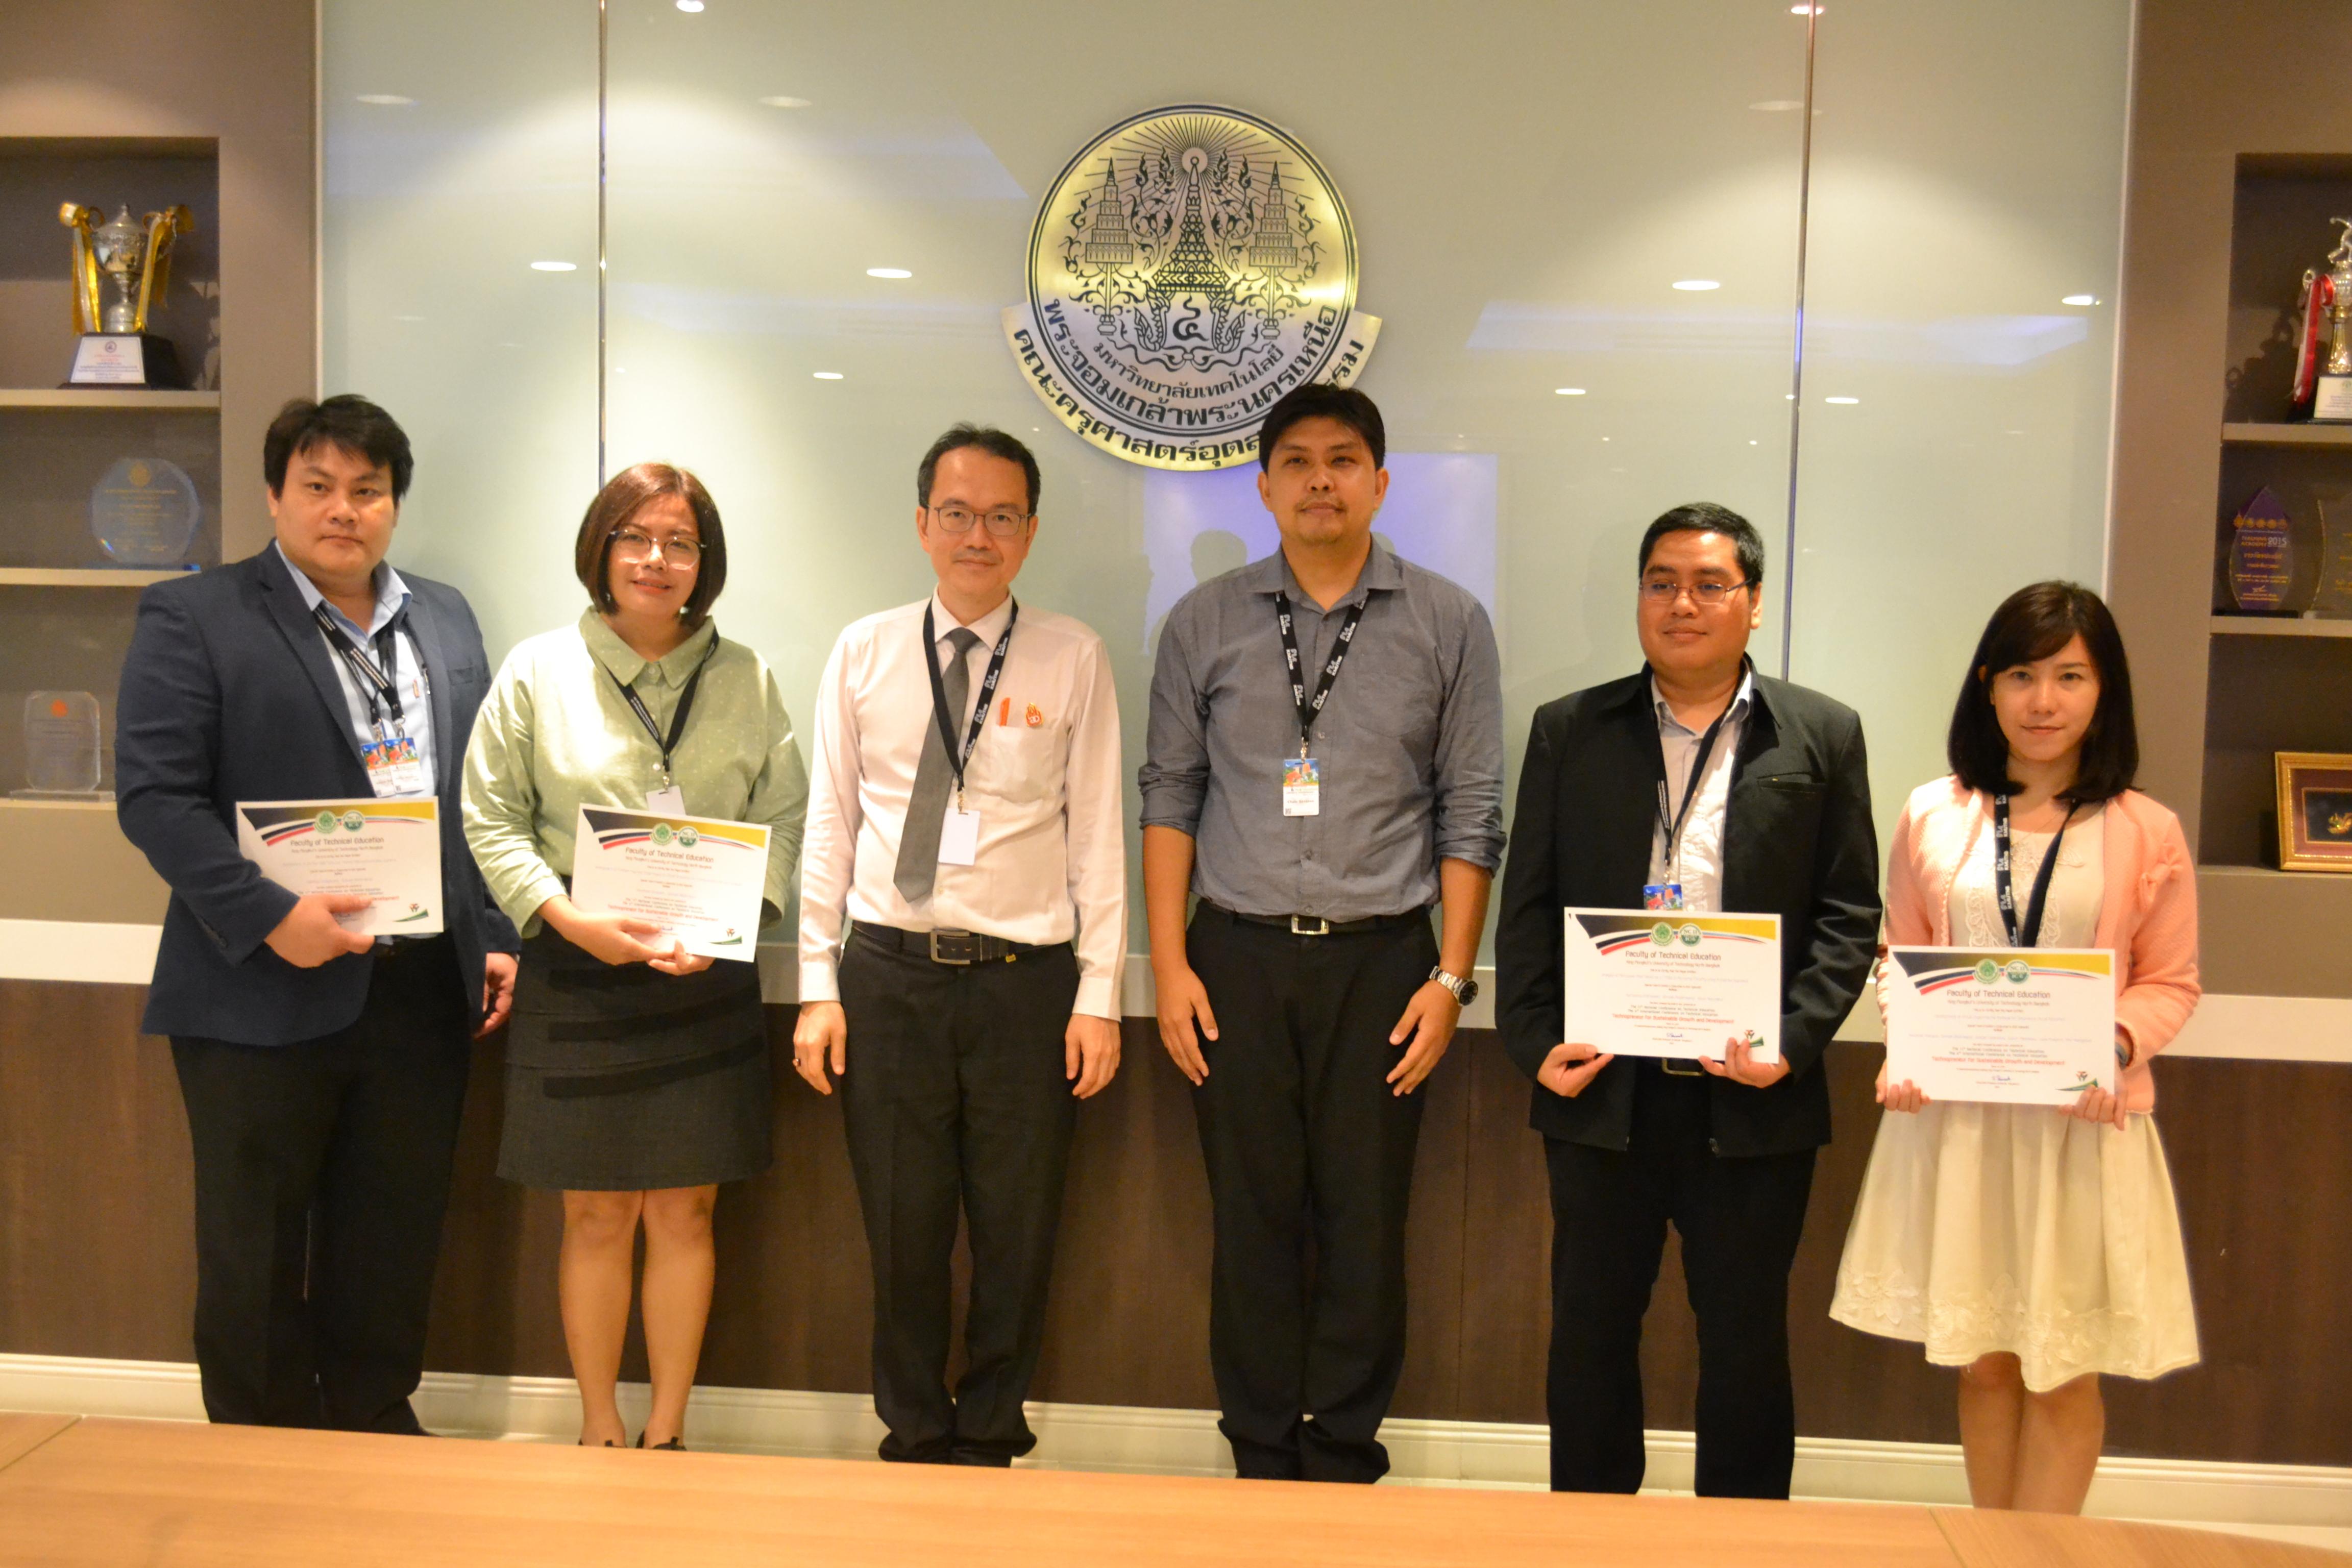 นำเสนอผลงานทางวิชาการในงาน The 6th International Conference on Technical Education